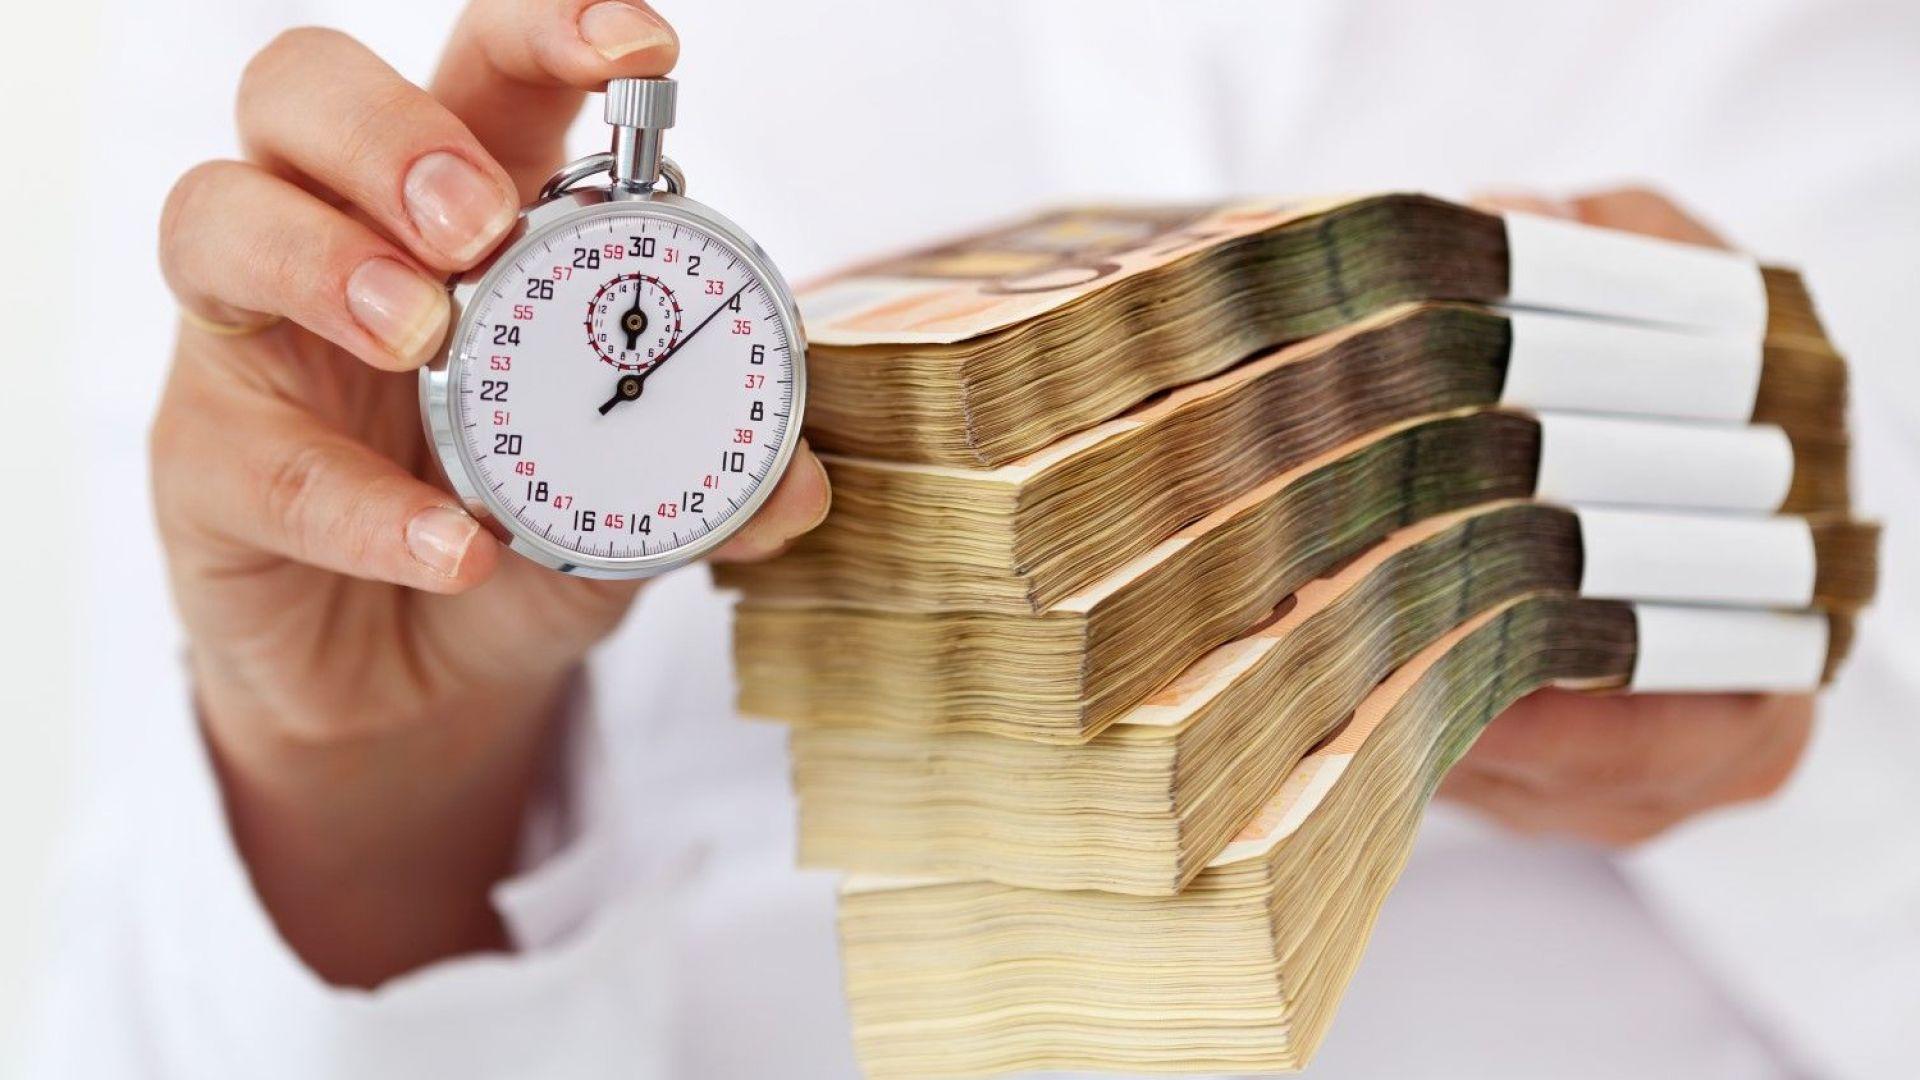 Над 3 млрд. лева лоши кредити са вече в колекторските фирми